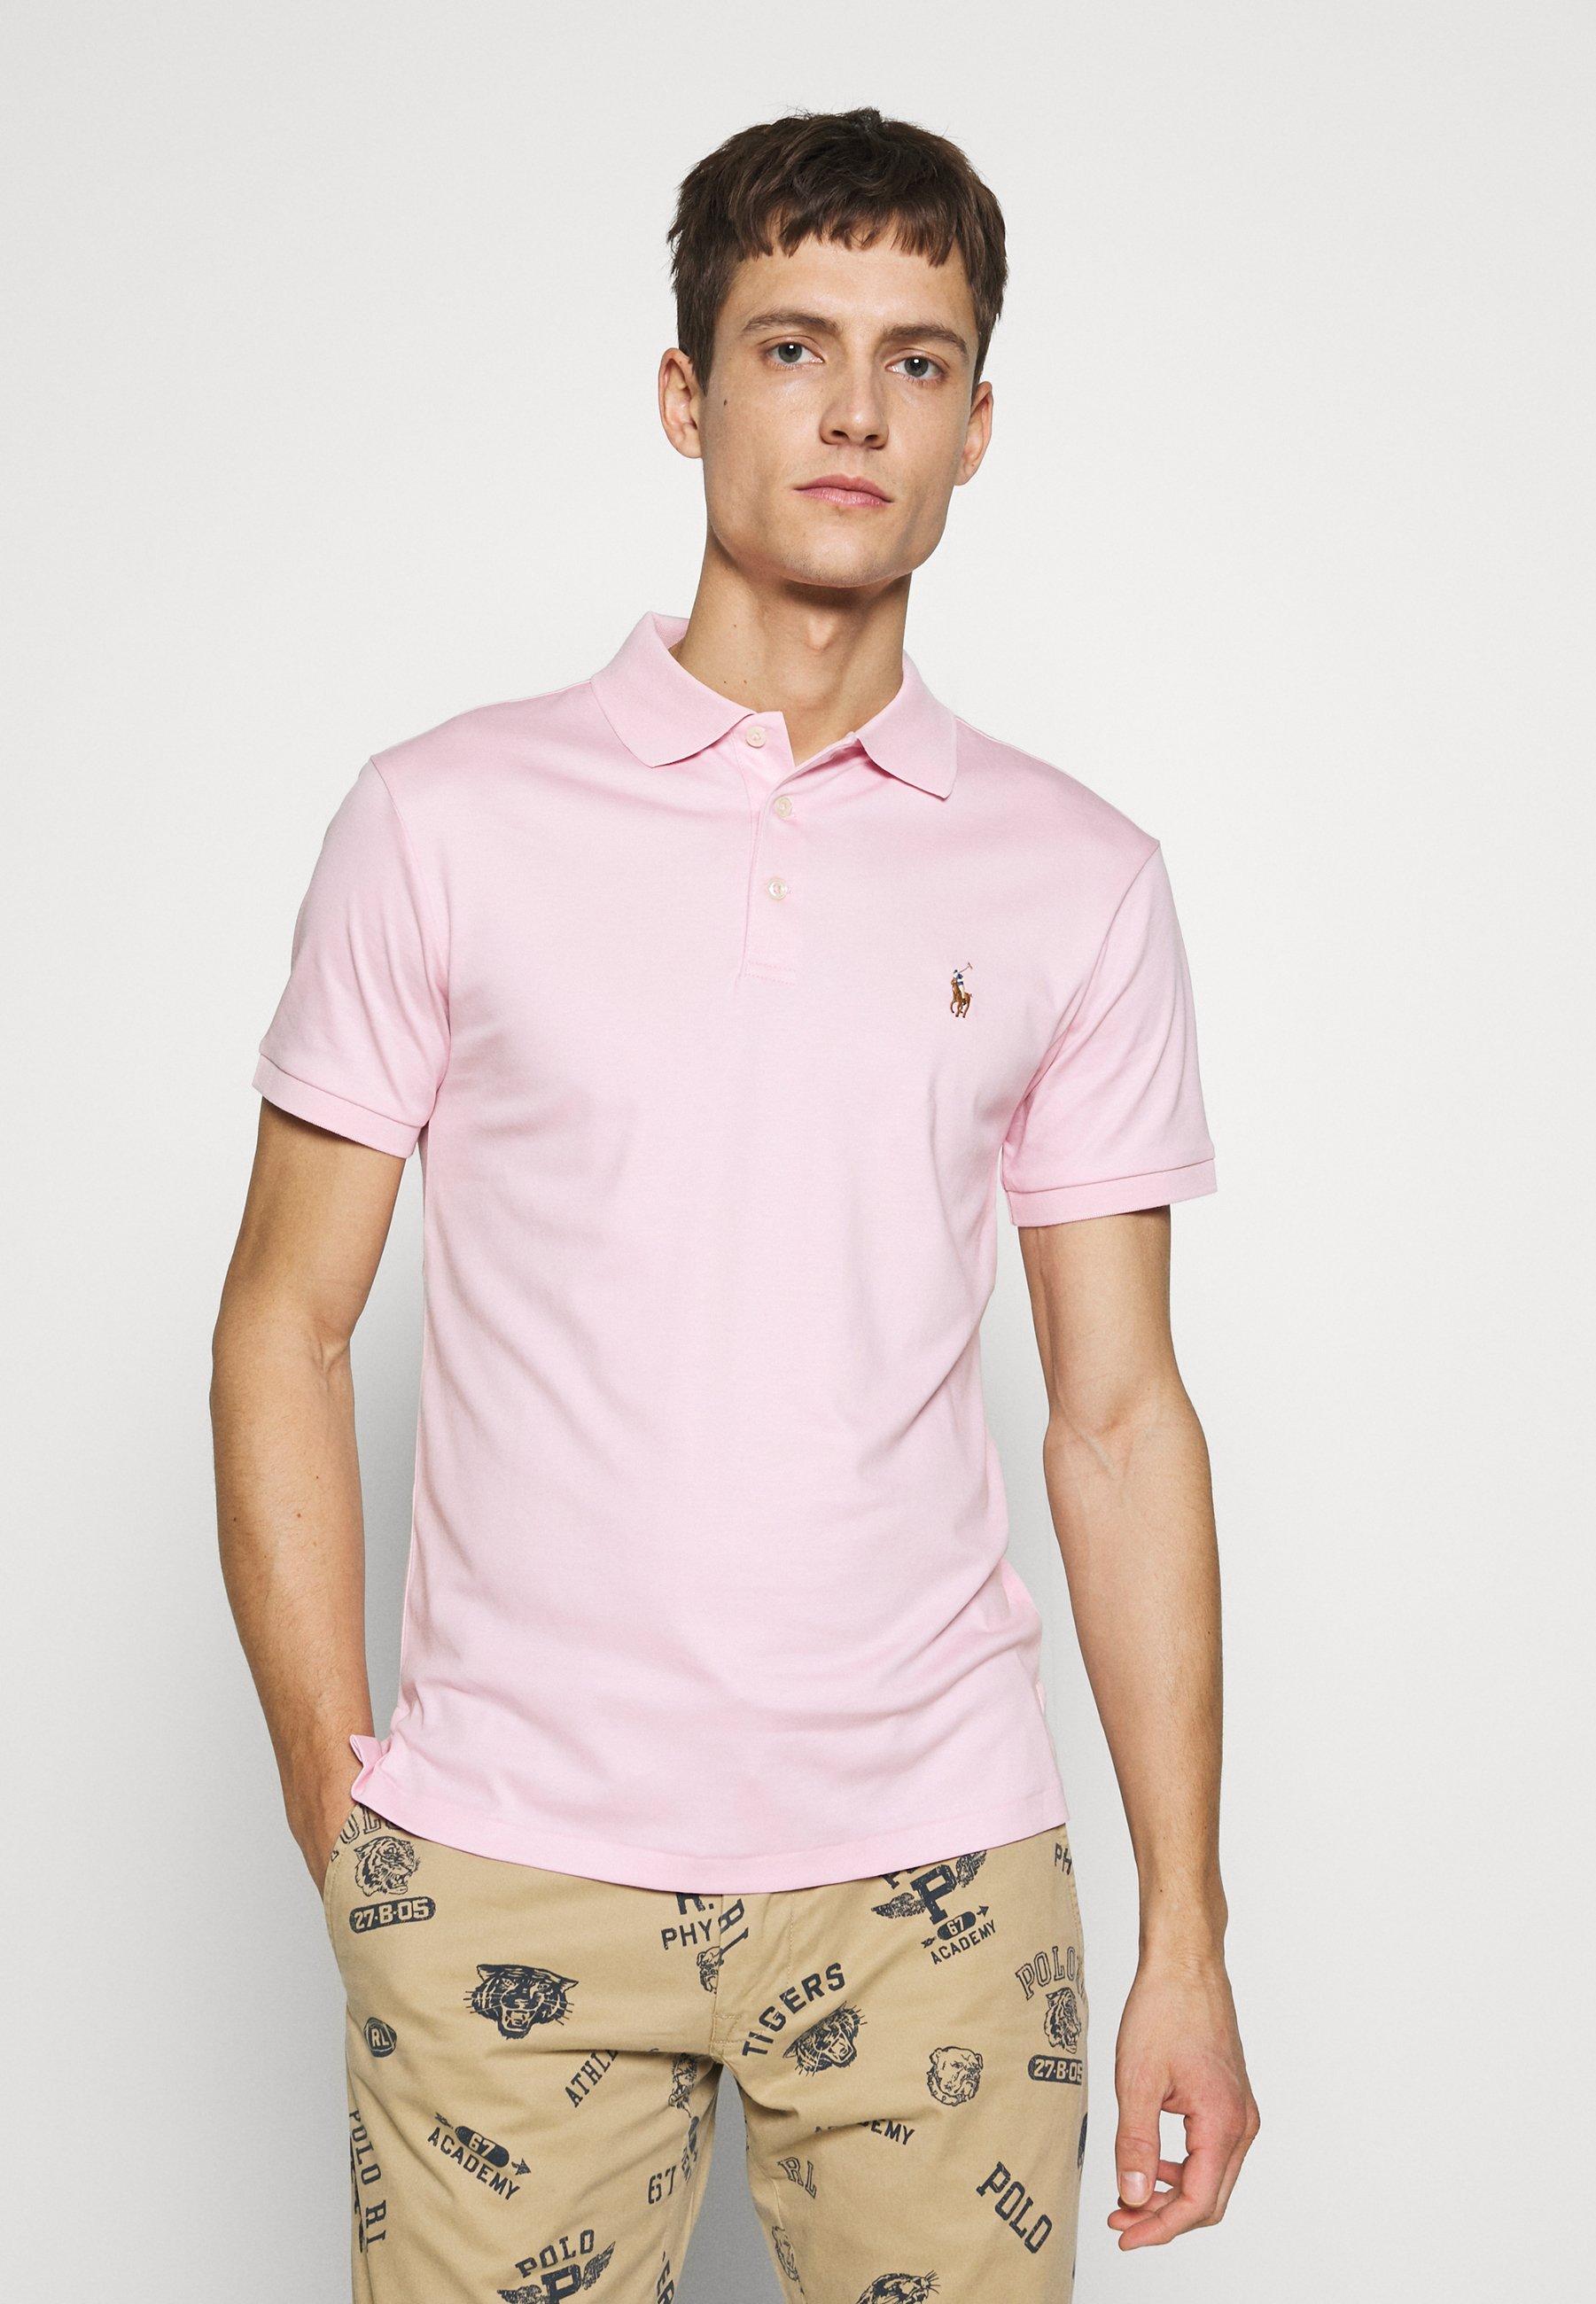 Różowe Ekskluzywne koszulki męskie znanych projektantów w